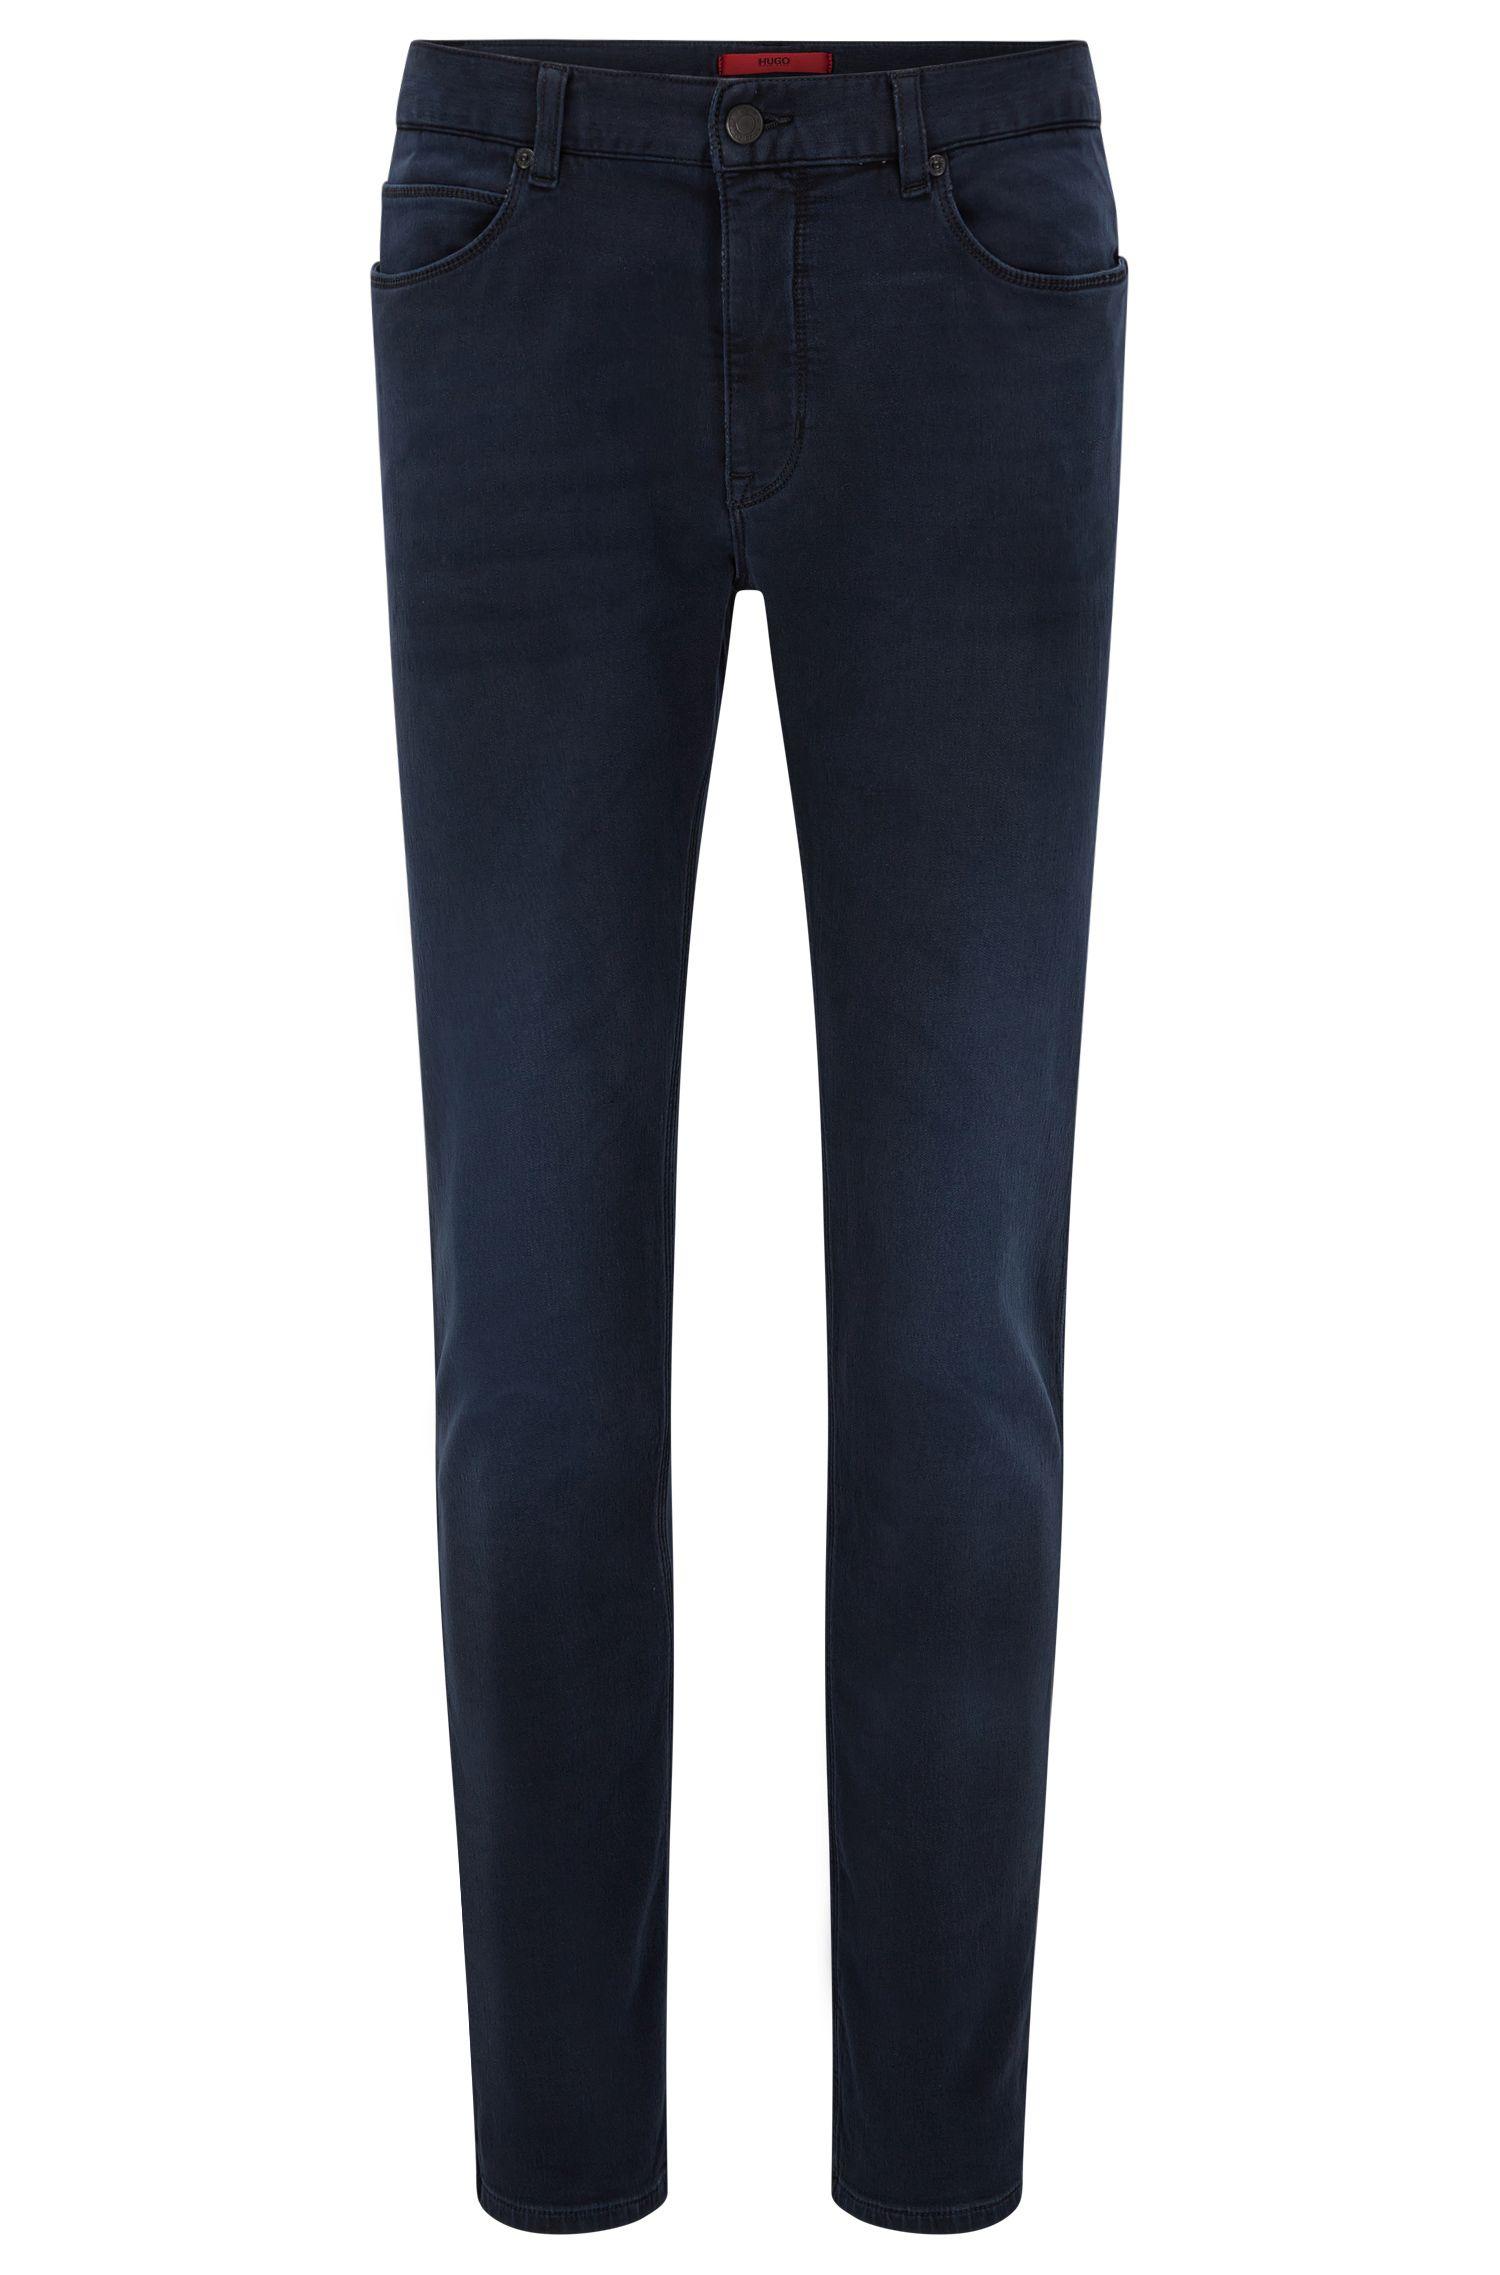 Jeans Skinny Fit en denim jersey